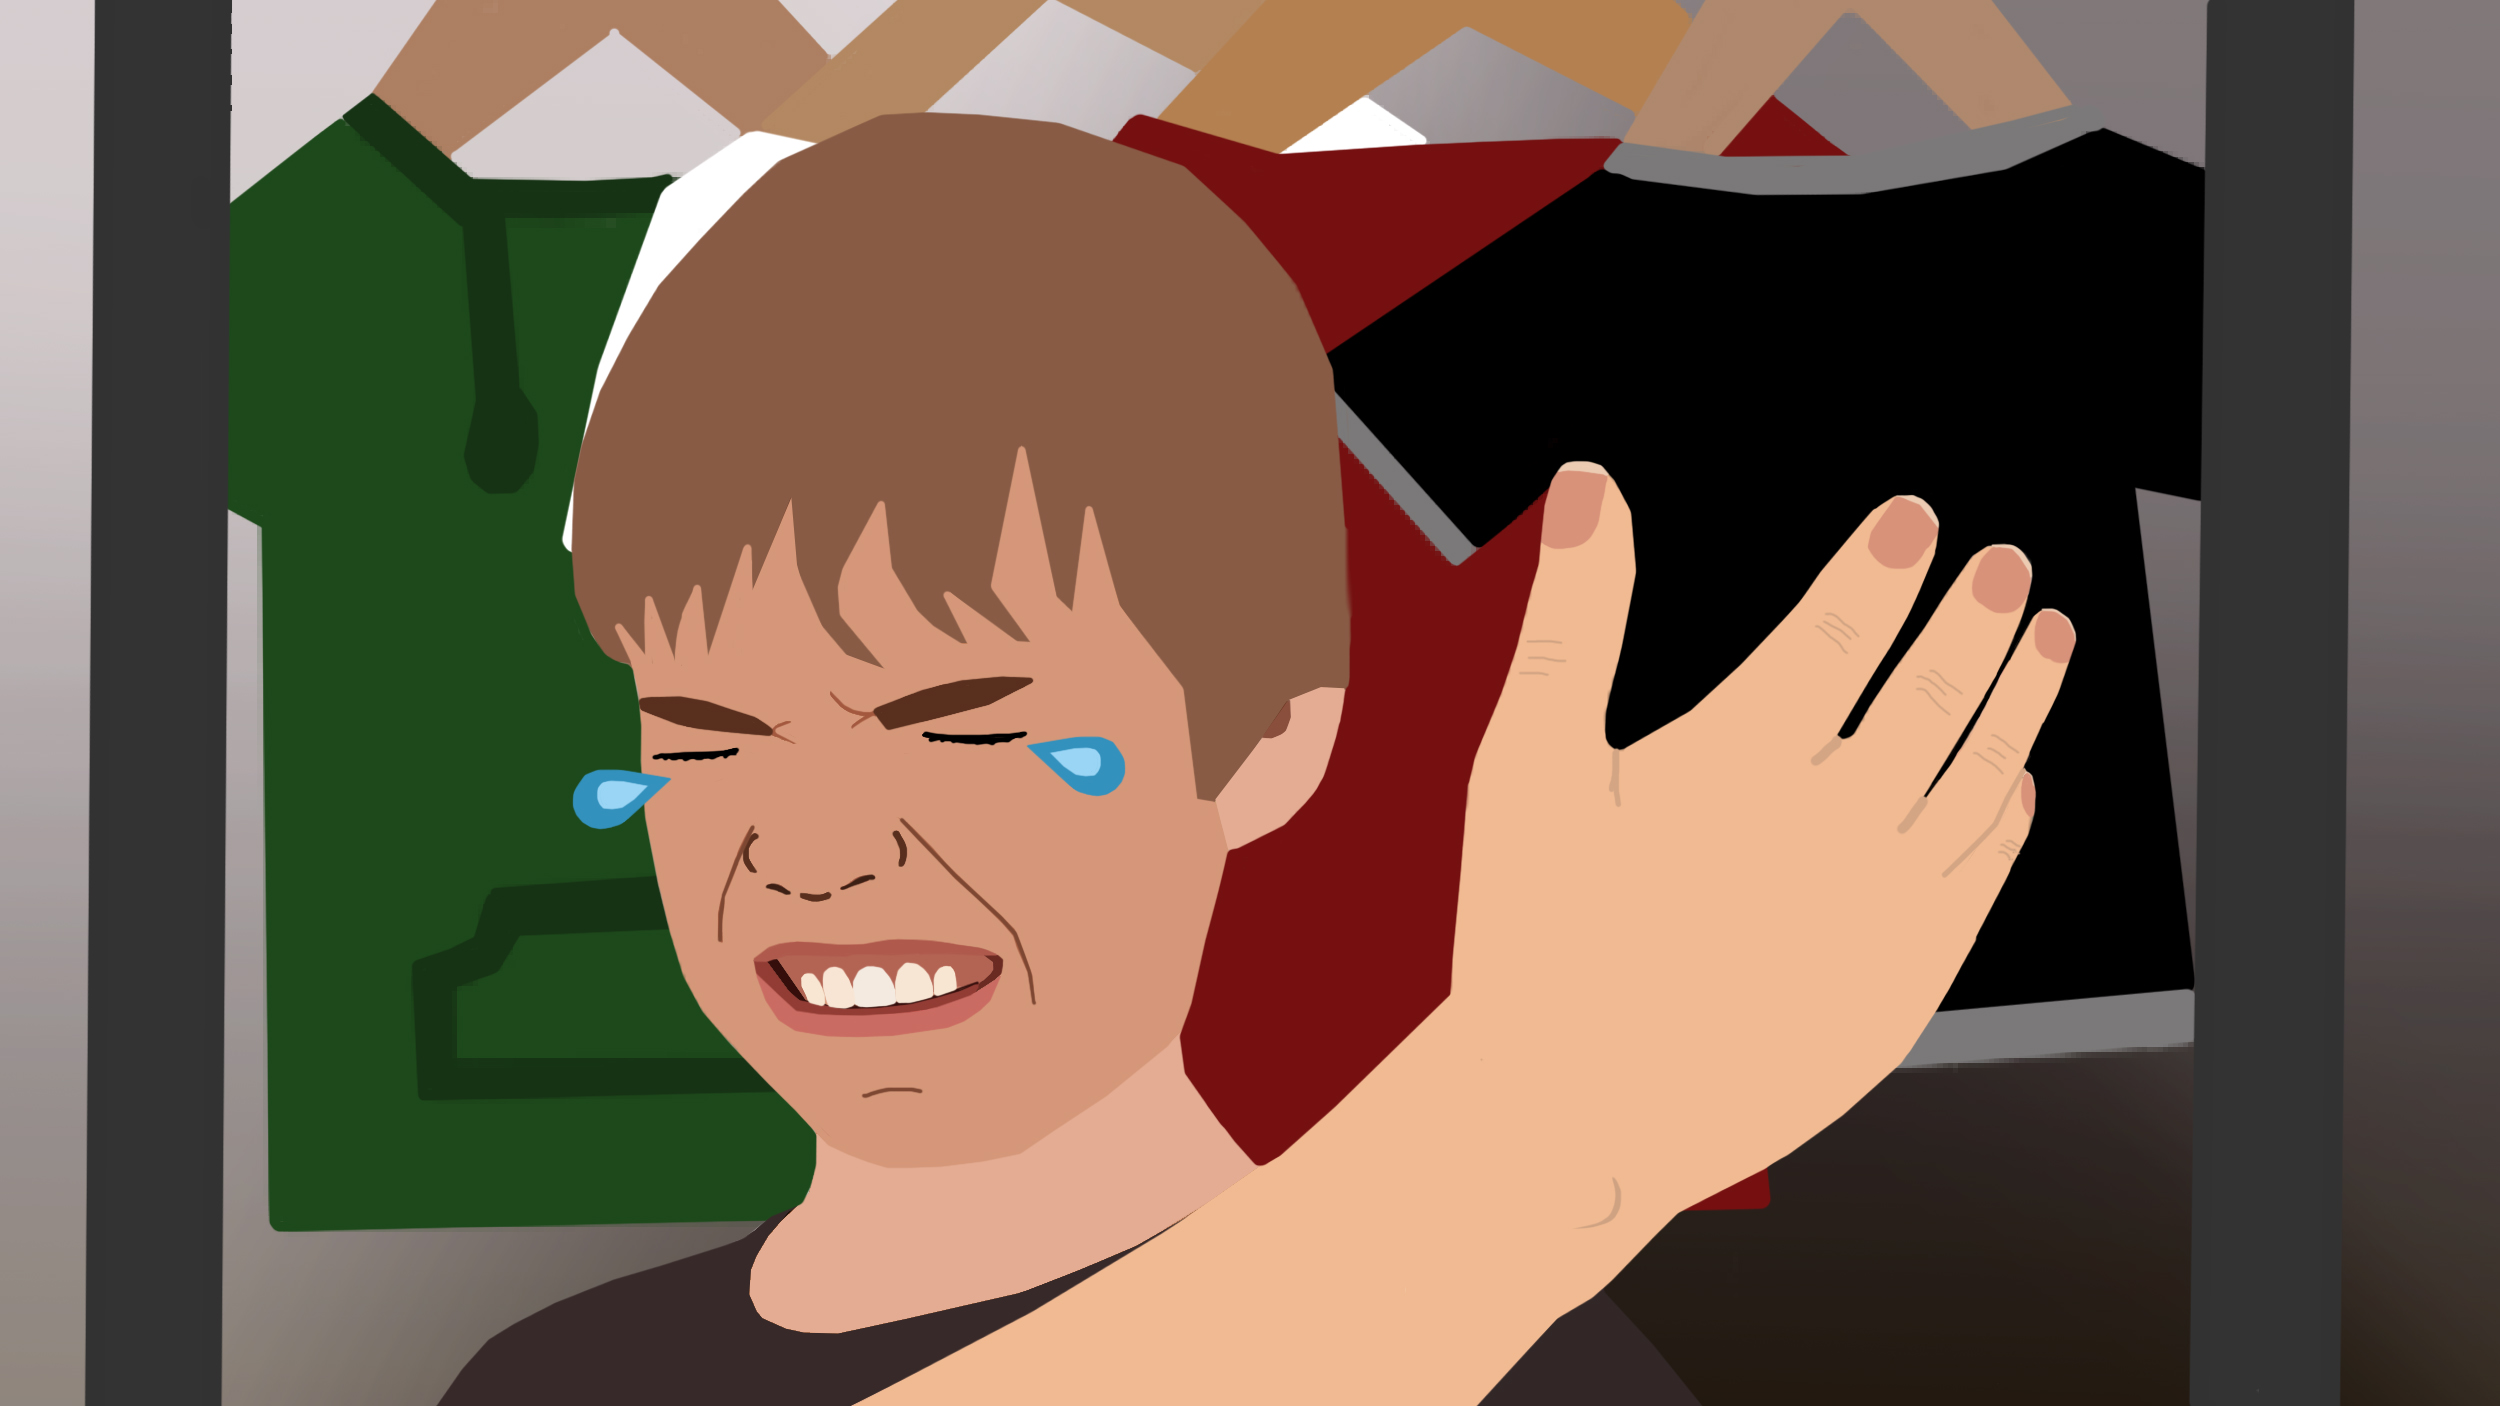 Ein Kind weint, eine Hand holt zur Backpfeife aus